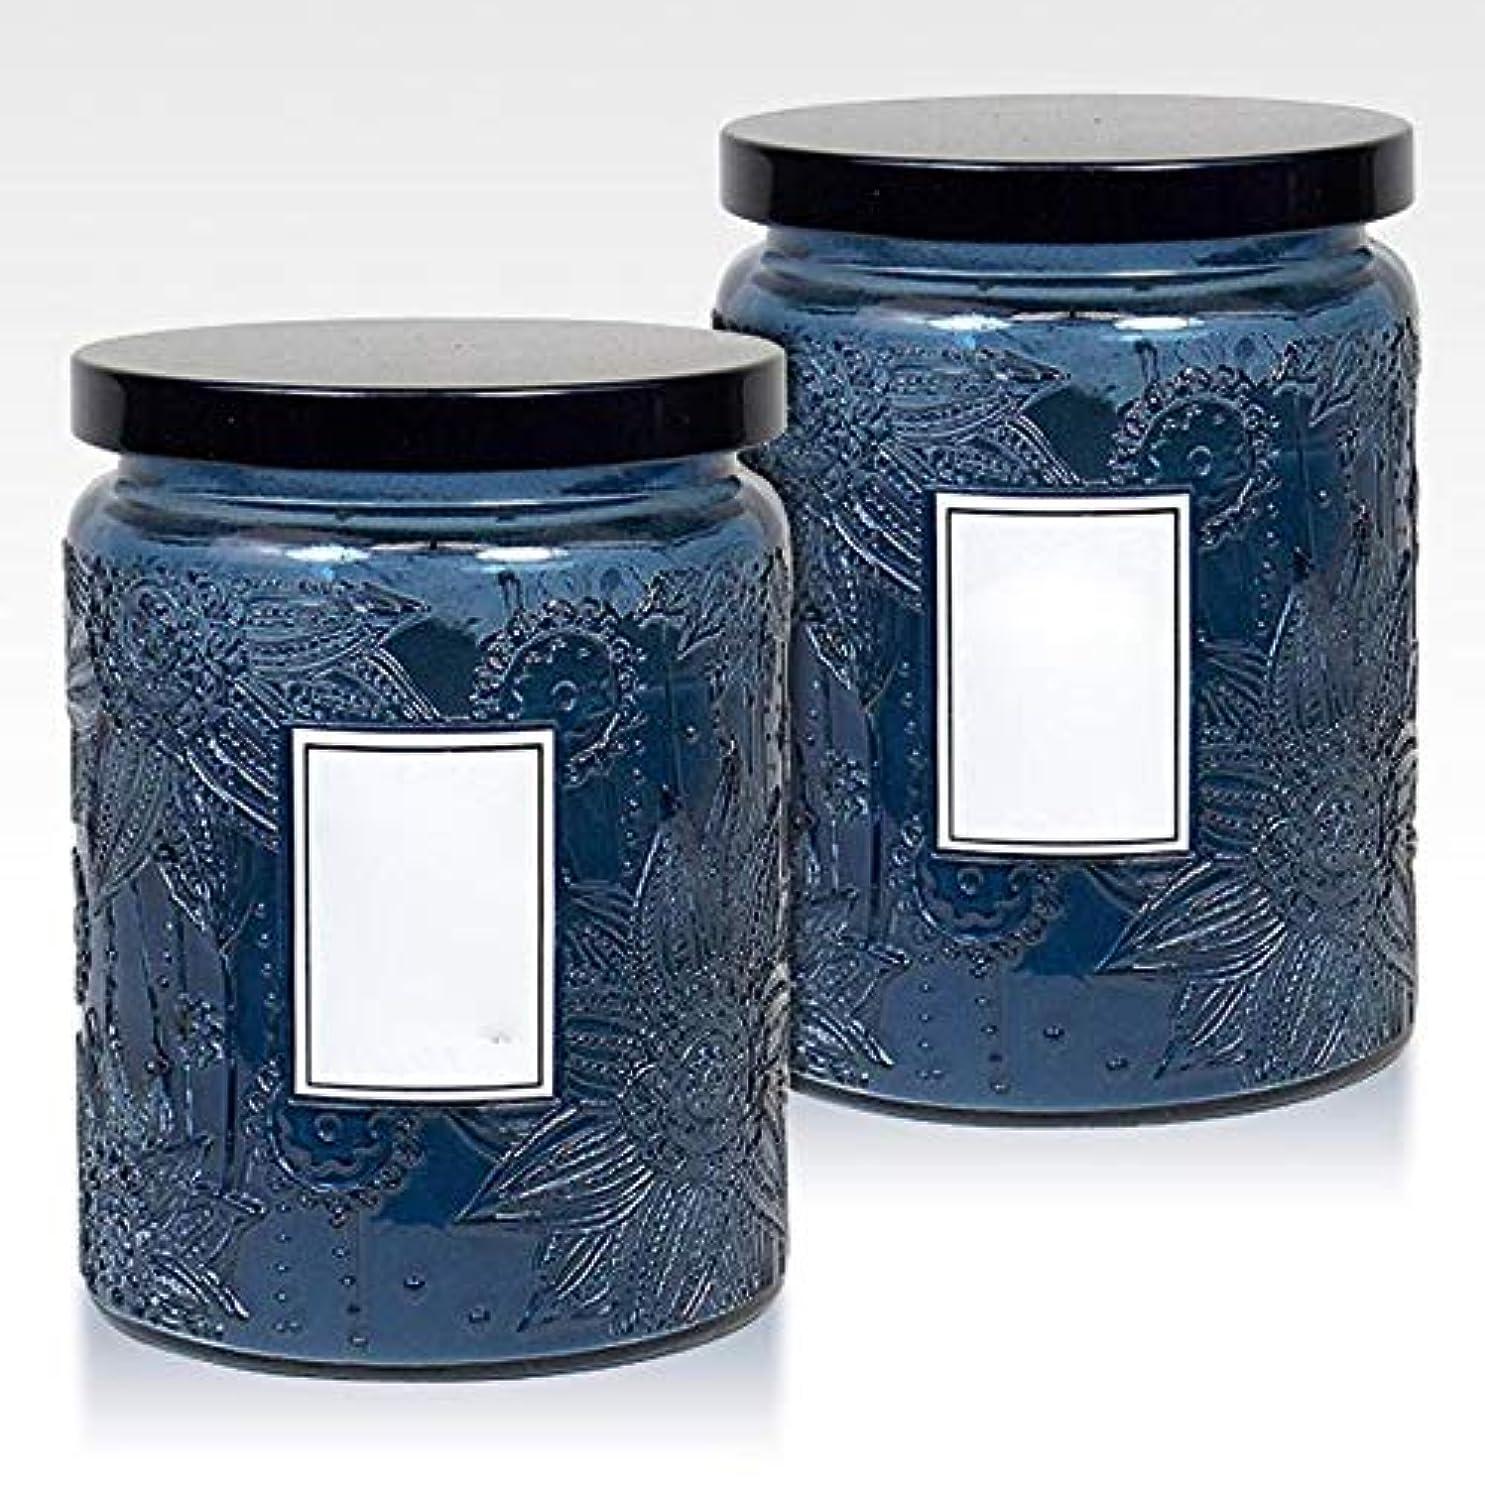 廃棄成り立つ大学院16Oz大きい缶2つの中心の香料入りの蝋燭の環境に優しい植物の精油の大豆のワックスの無煙蝋燭セット(5箱)